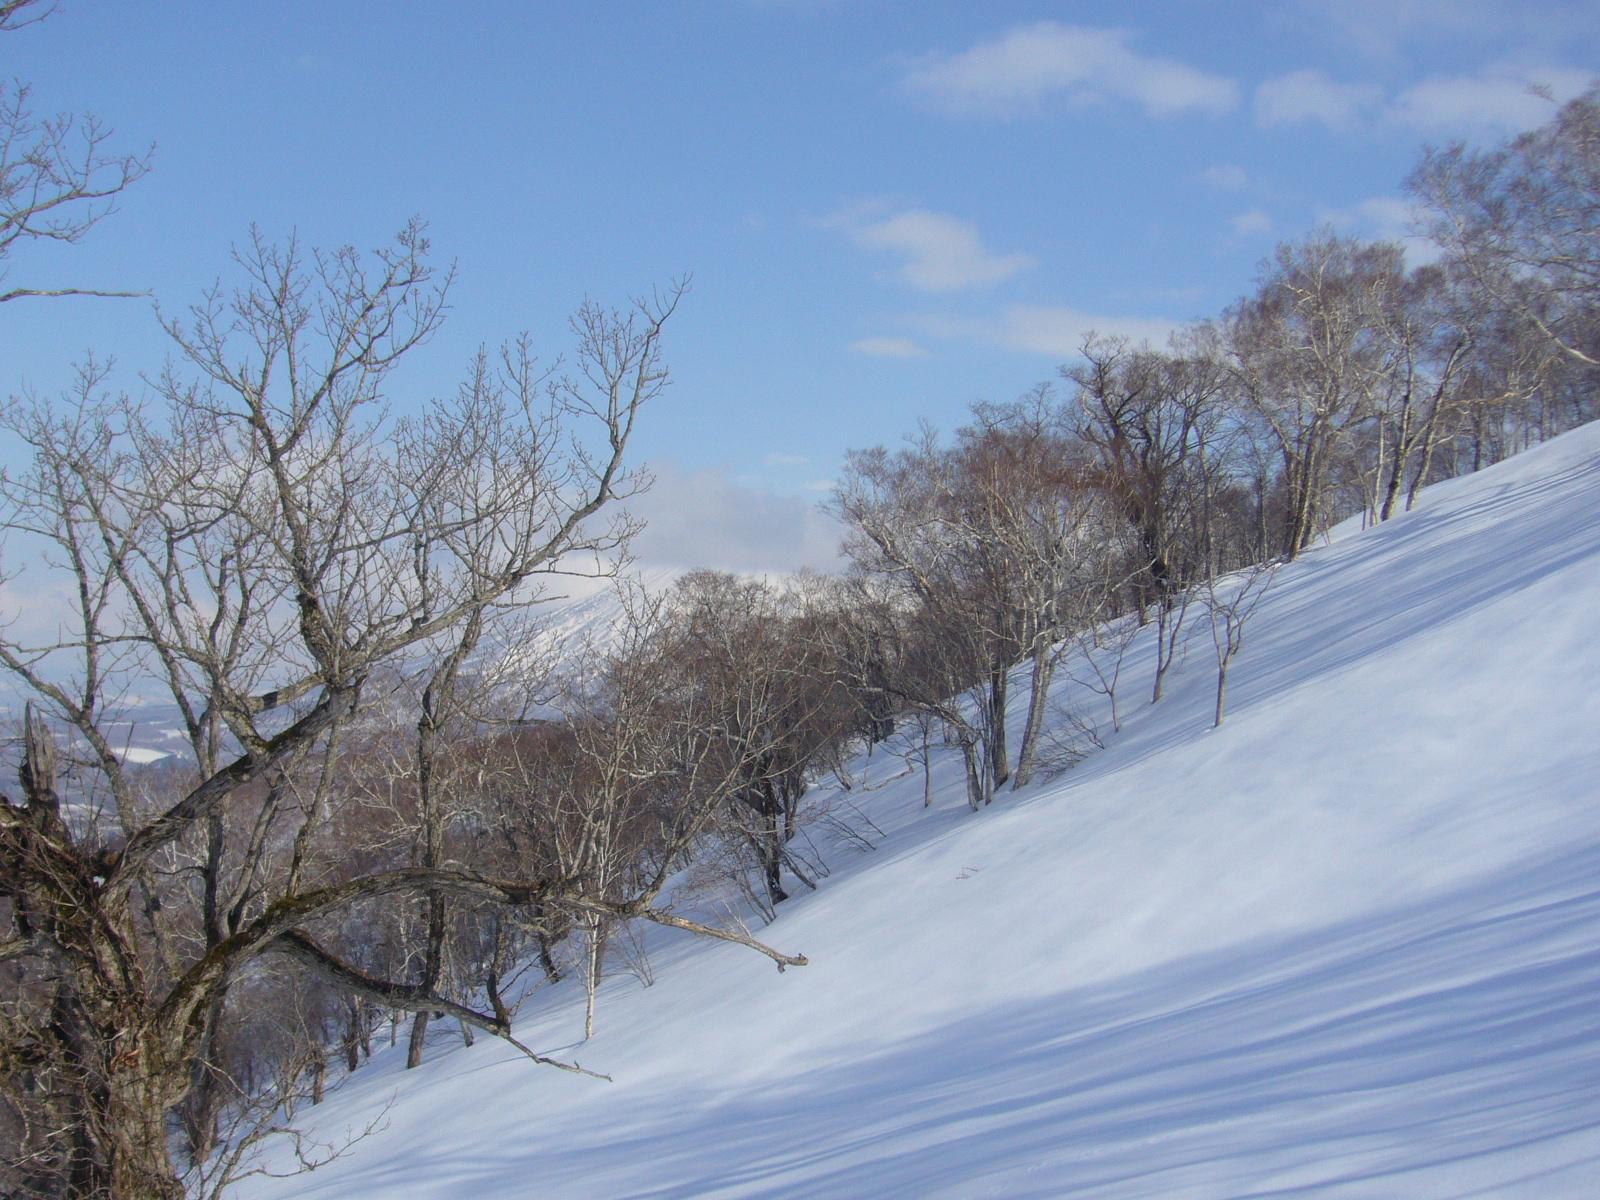 Niseko to Asahidake: Backcountry Skiing in Hokkaido